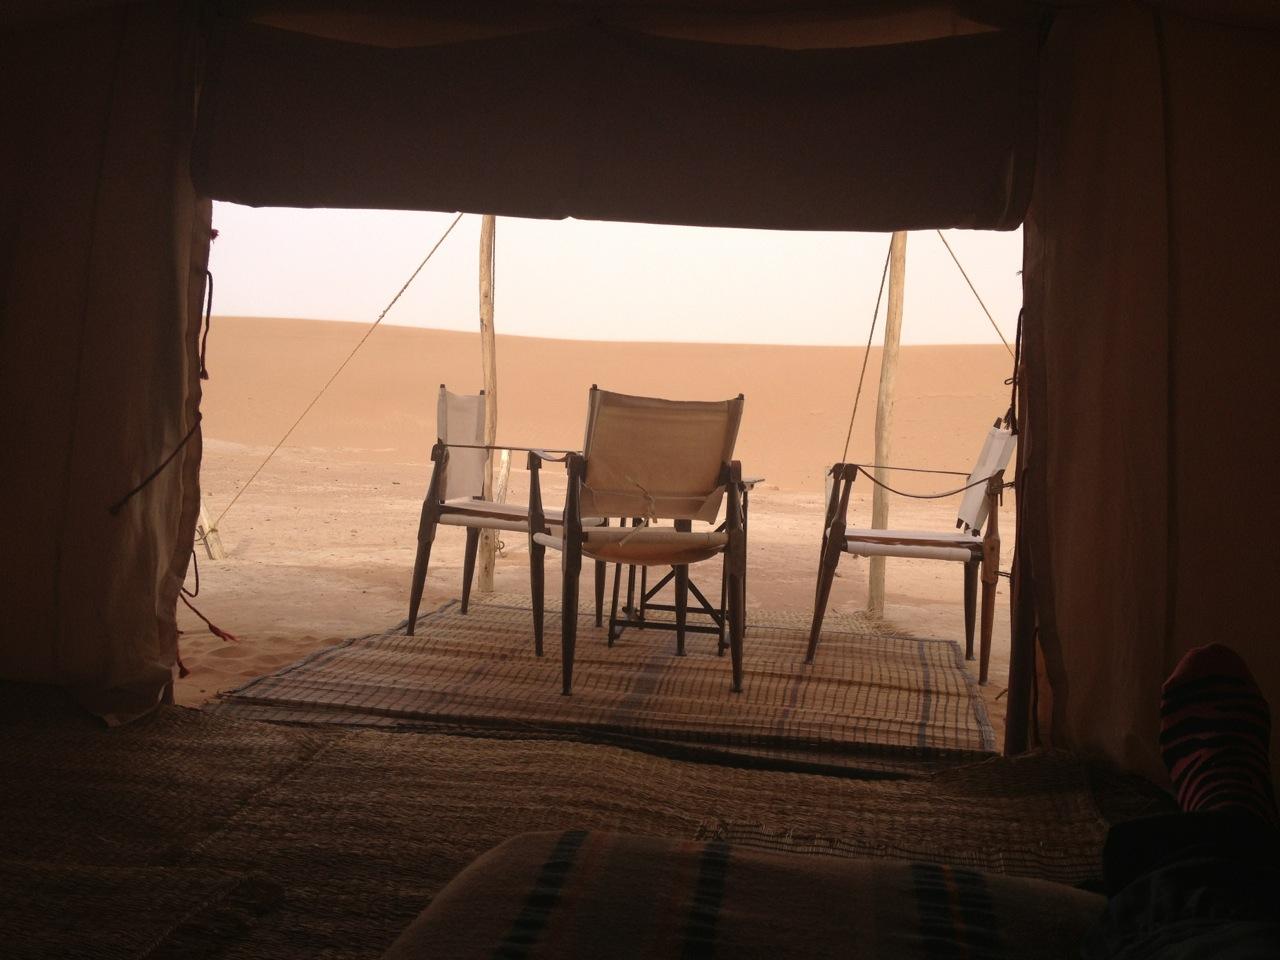 Moroccan desert tent